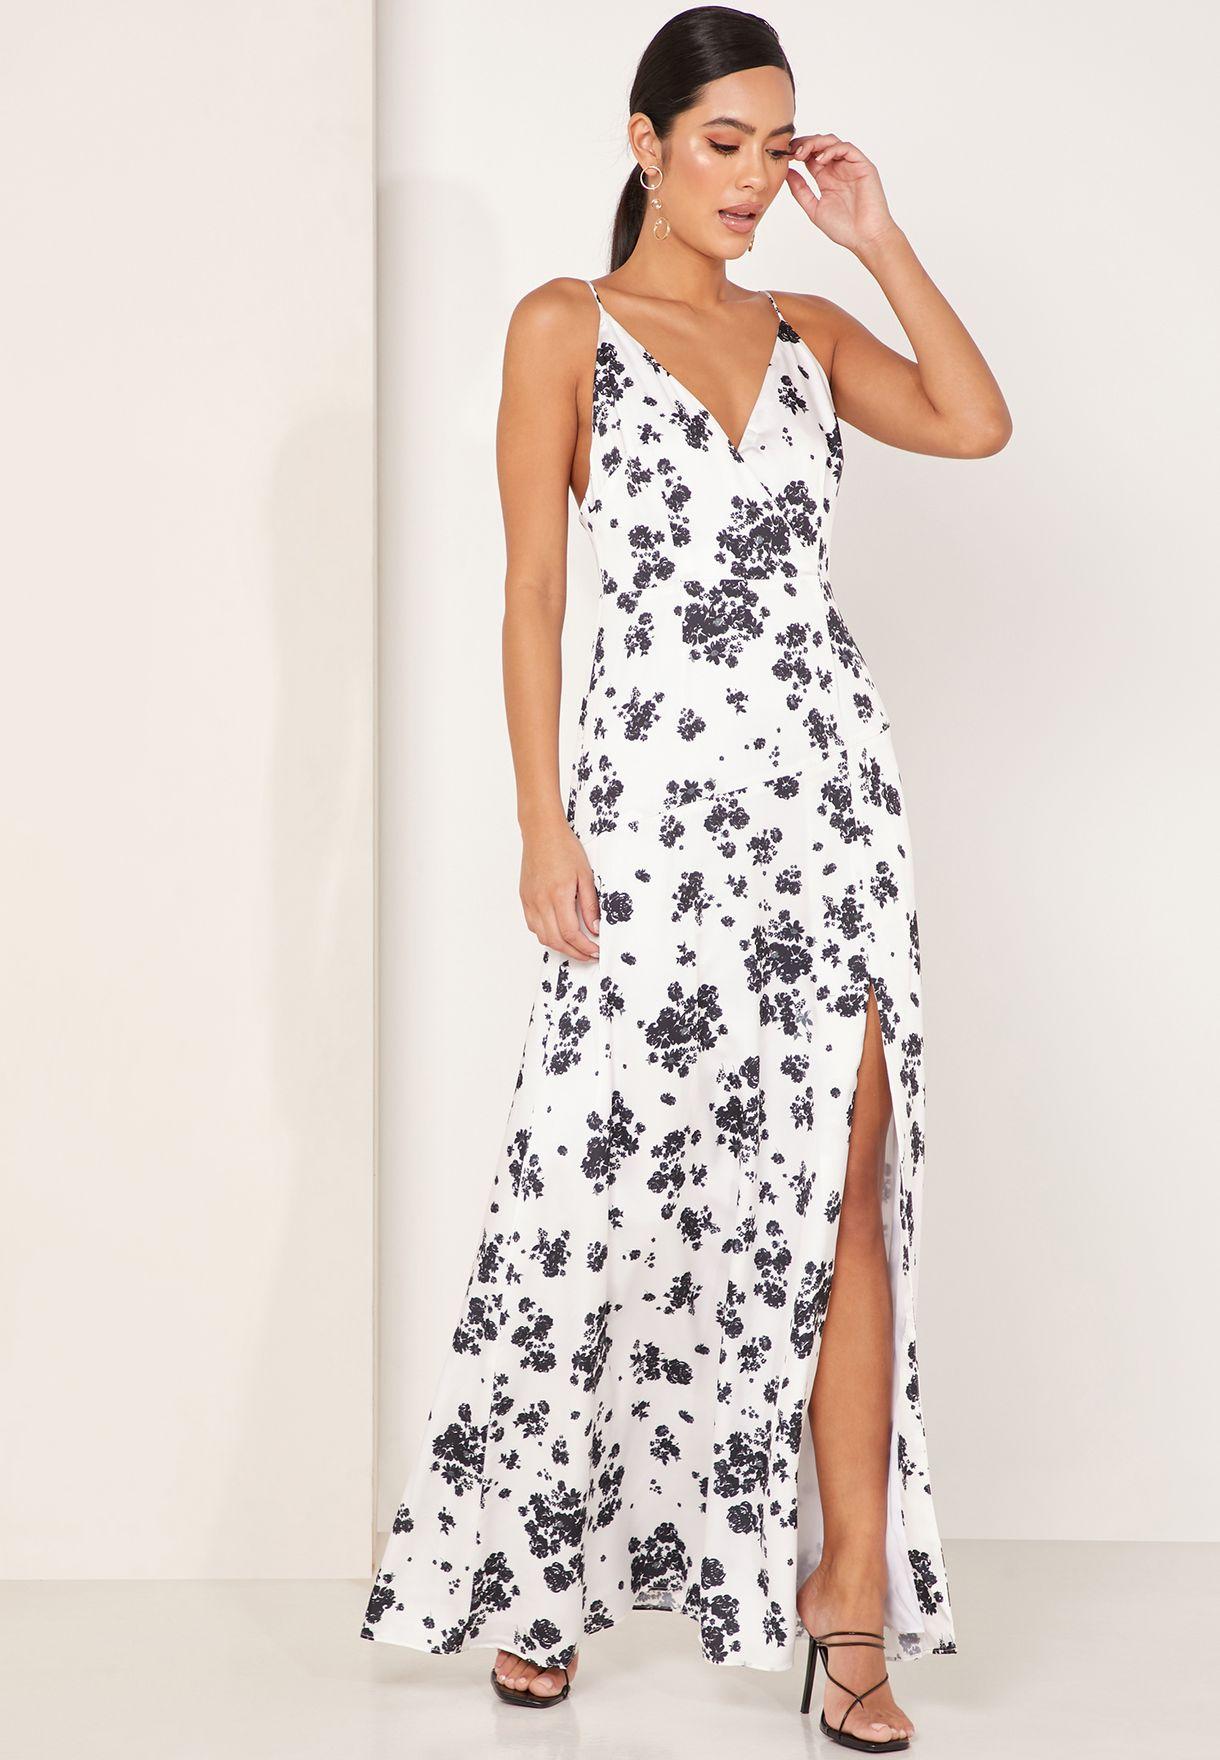 فستان مكسي بحمالات وطبعات ازهار